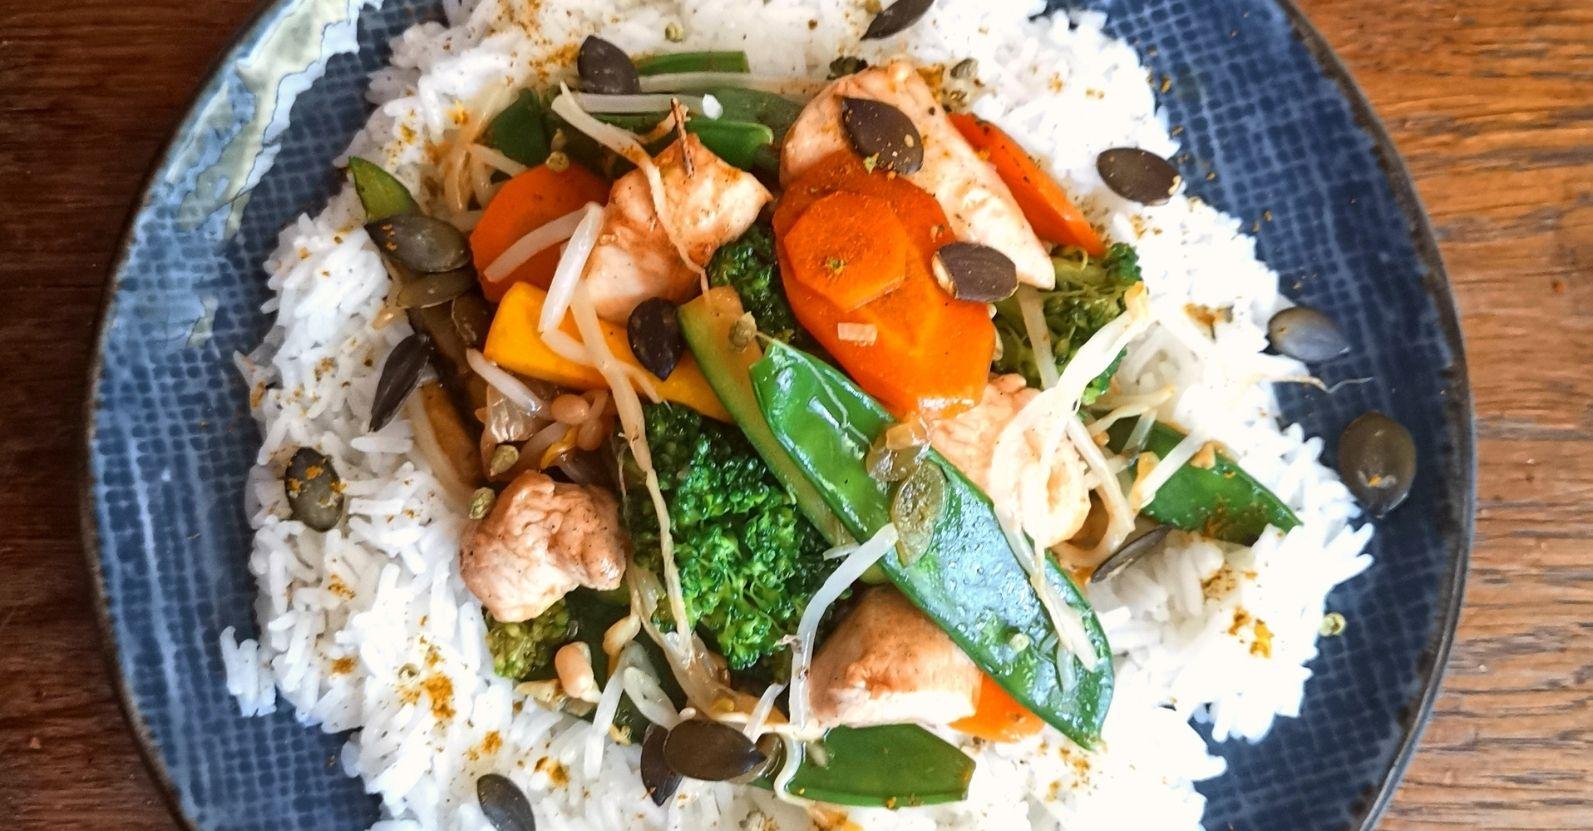 Shop Suey de légumes et poulet passion thaï, bourgeons d'origan